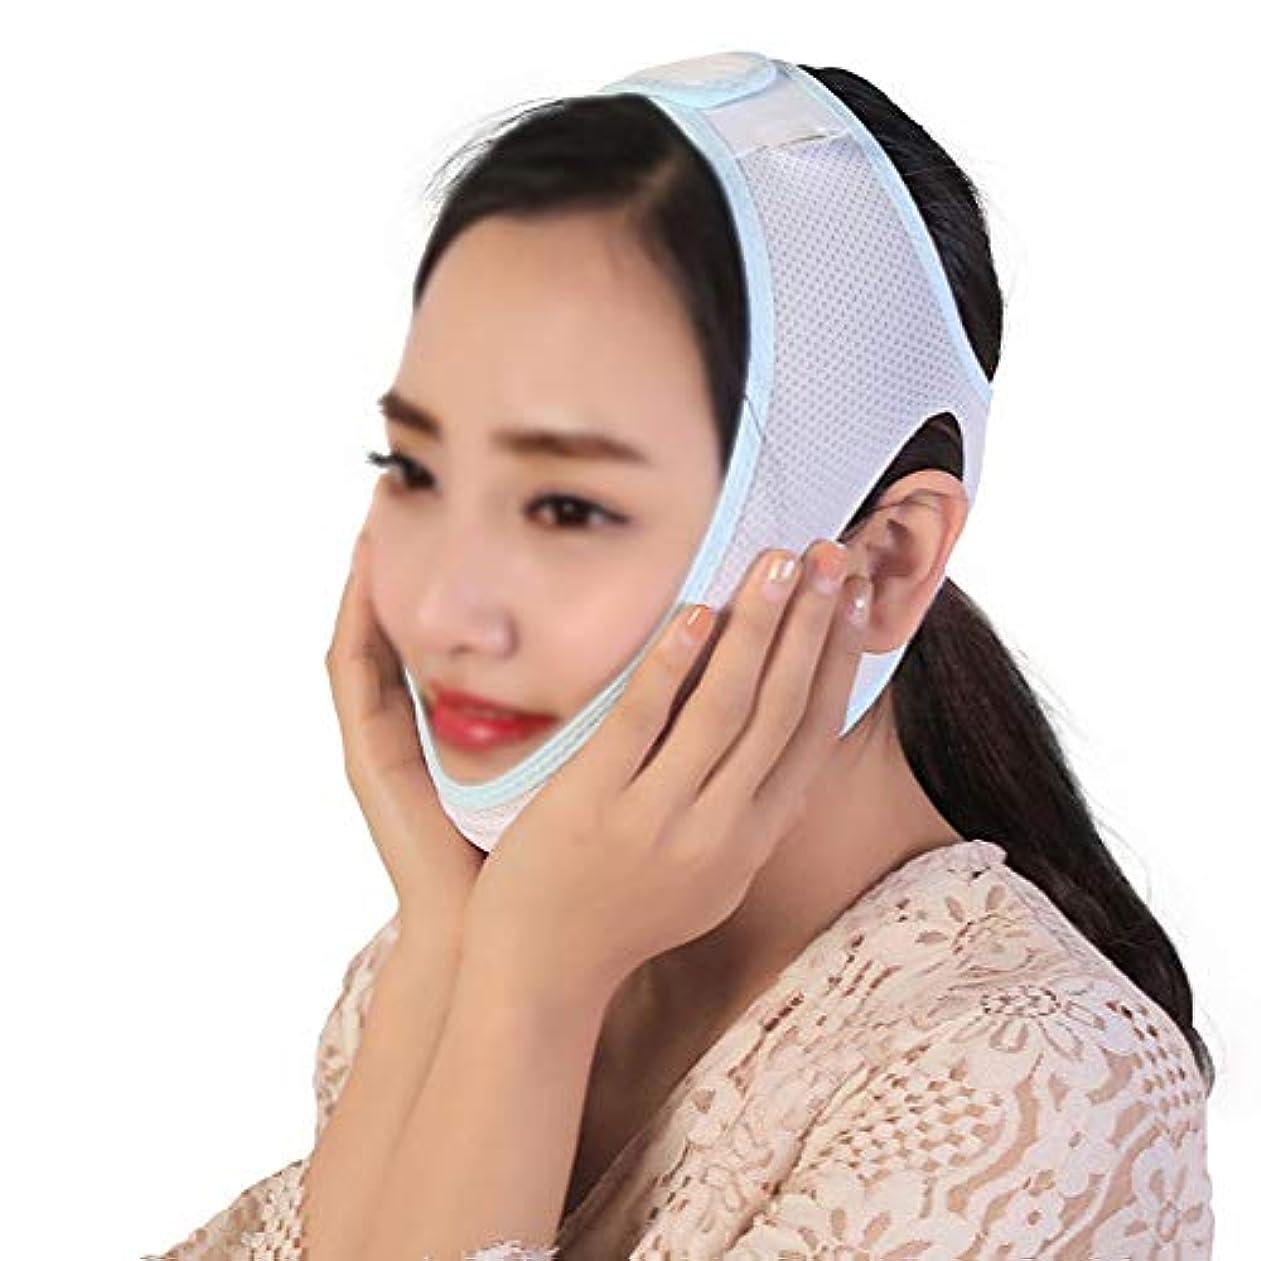 食い違い地上の教育学TLMY ファーミングマスクスモールVフェイスアーティファクトリフティングサーフェスプラスチックマスクコンフォートアップグレード最適化改善顔面カーブ包括的な通気性包帯 顔用整形マスク (Size : M)